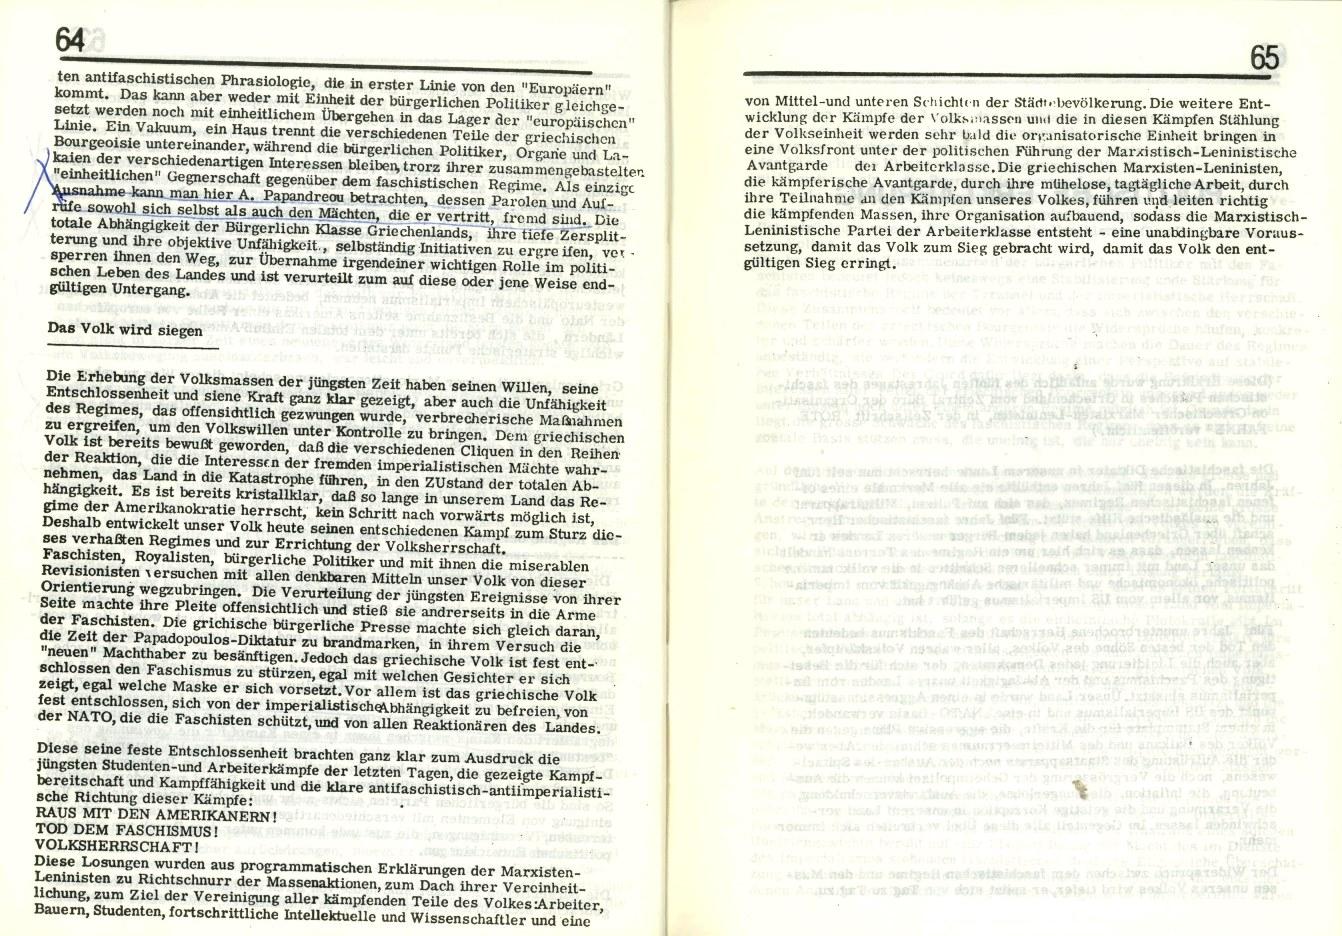 Griechenland_Griechische_ML_1971_Dokumente_01_33